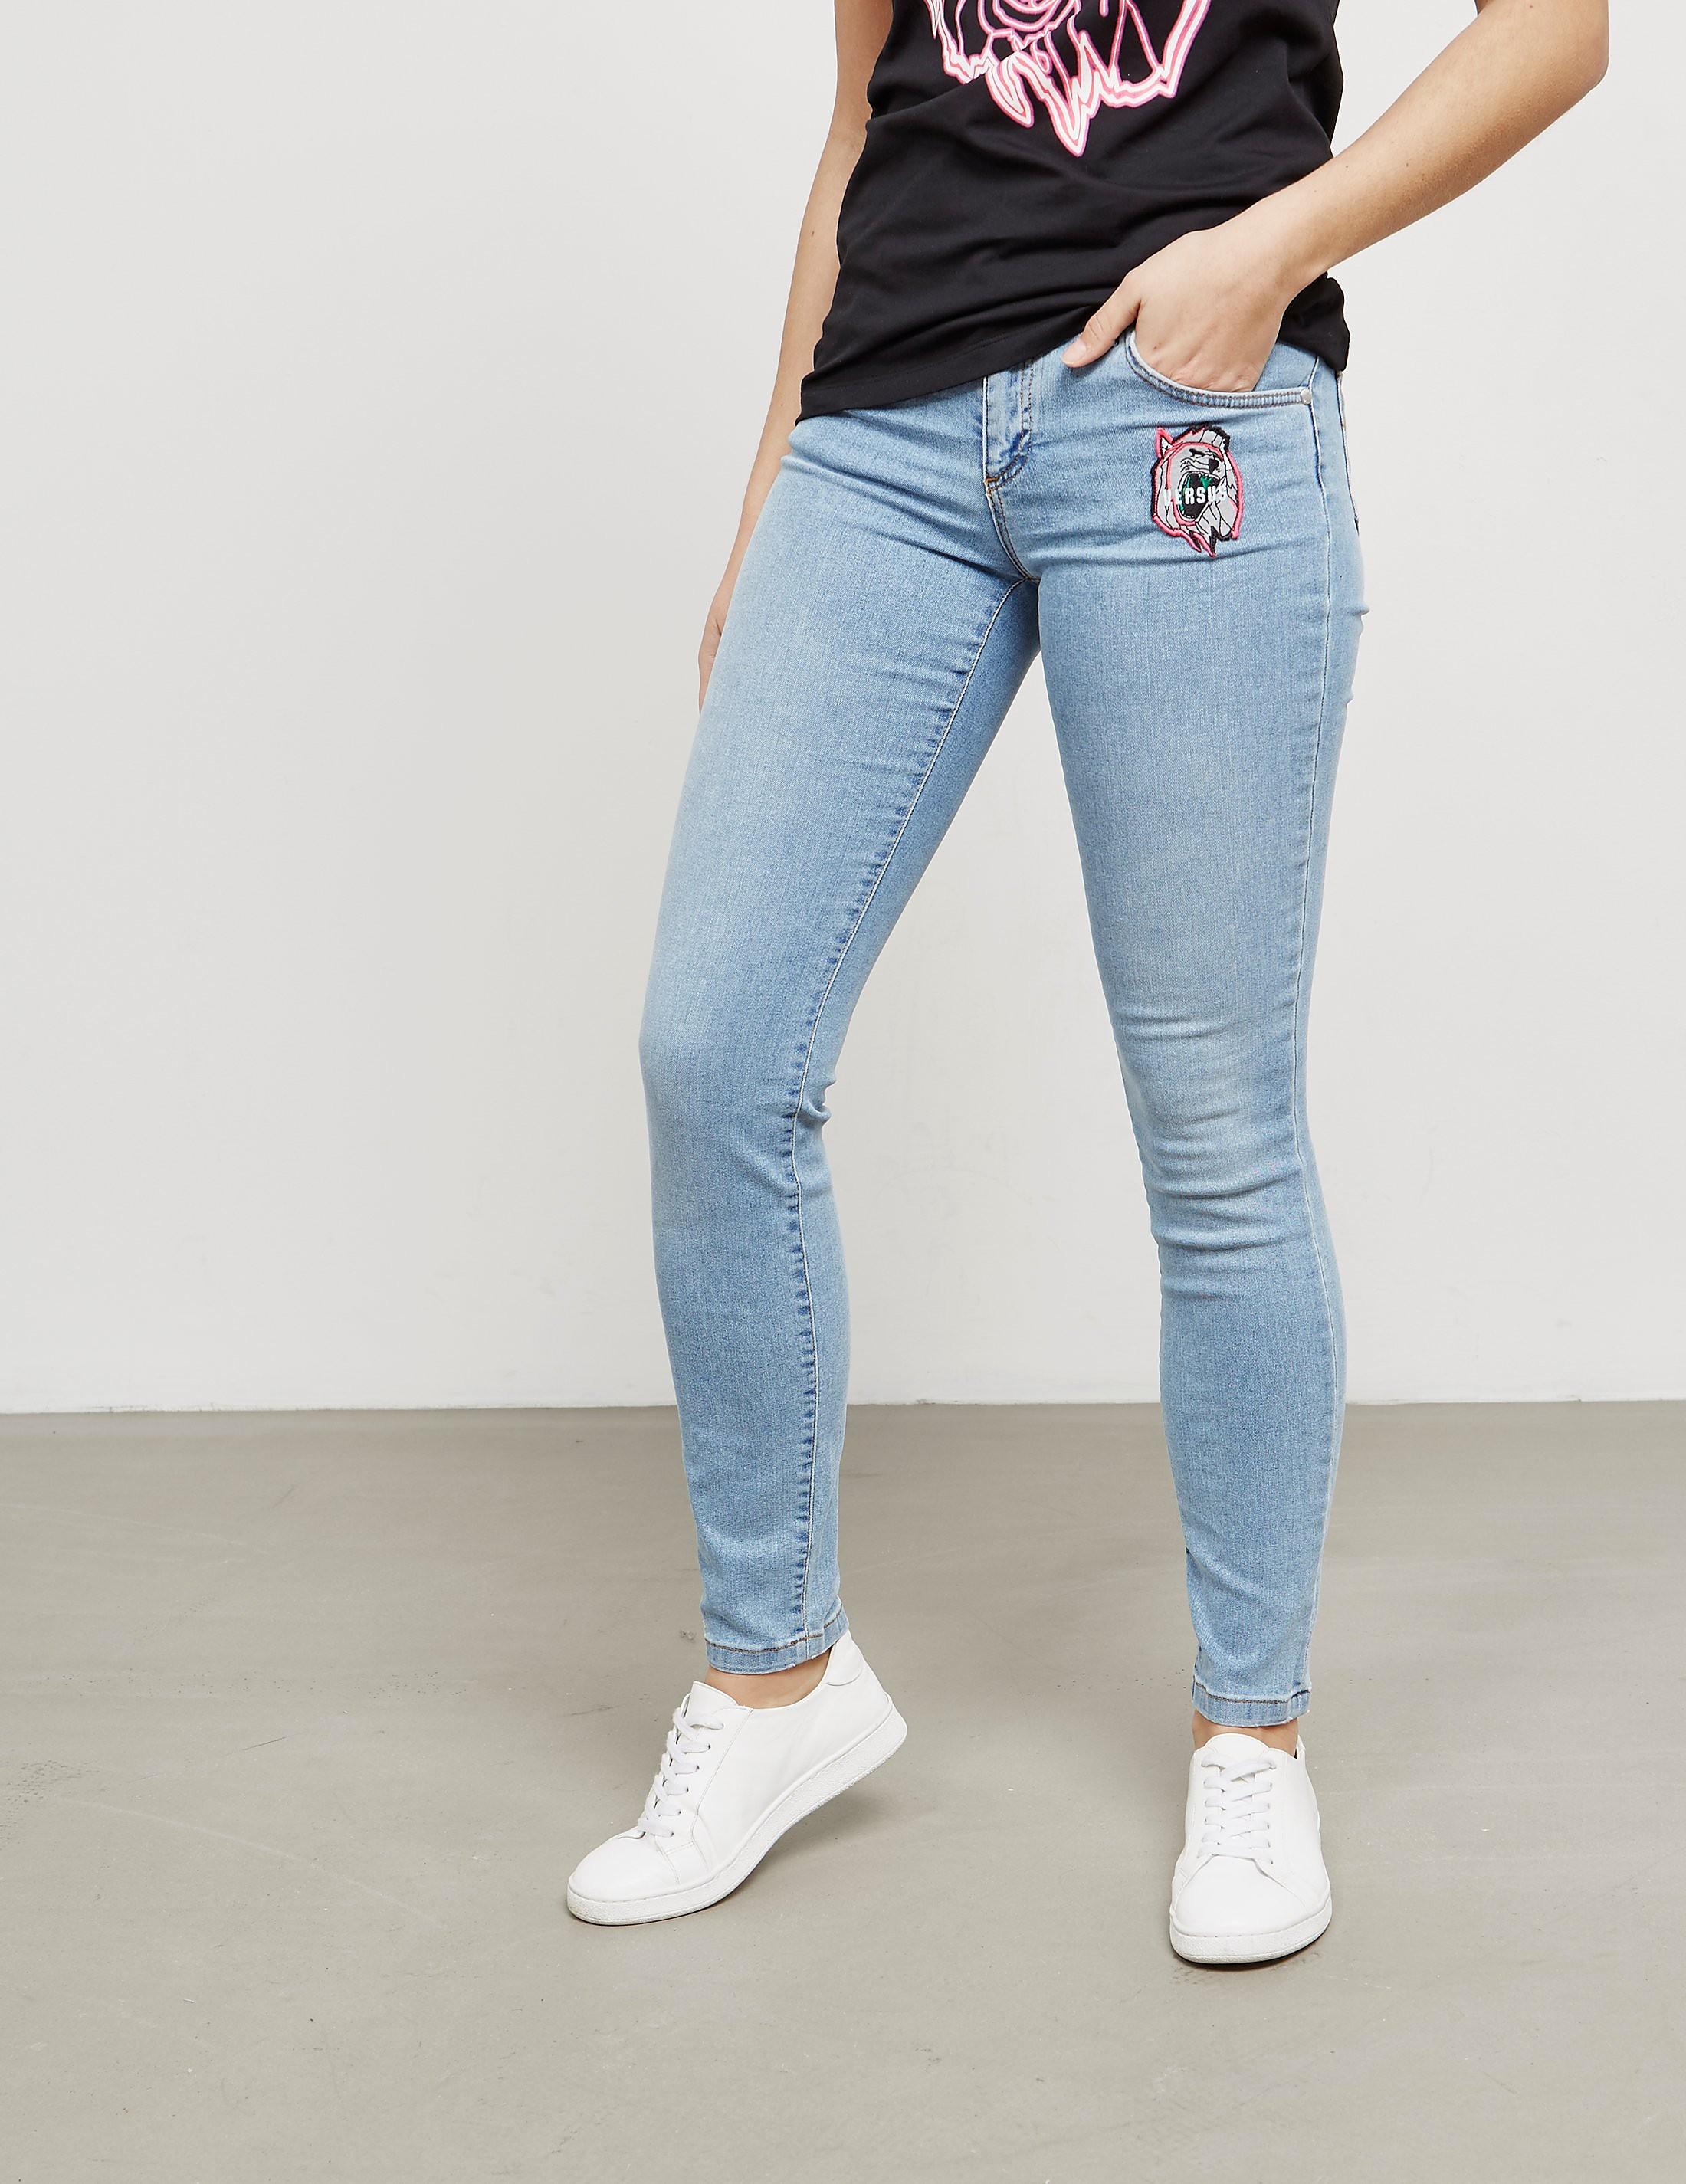 Versus Versace Versus Jeans